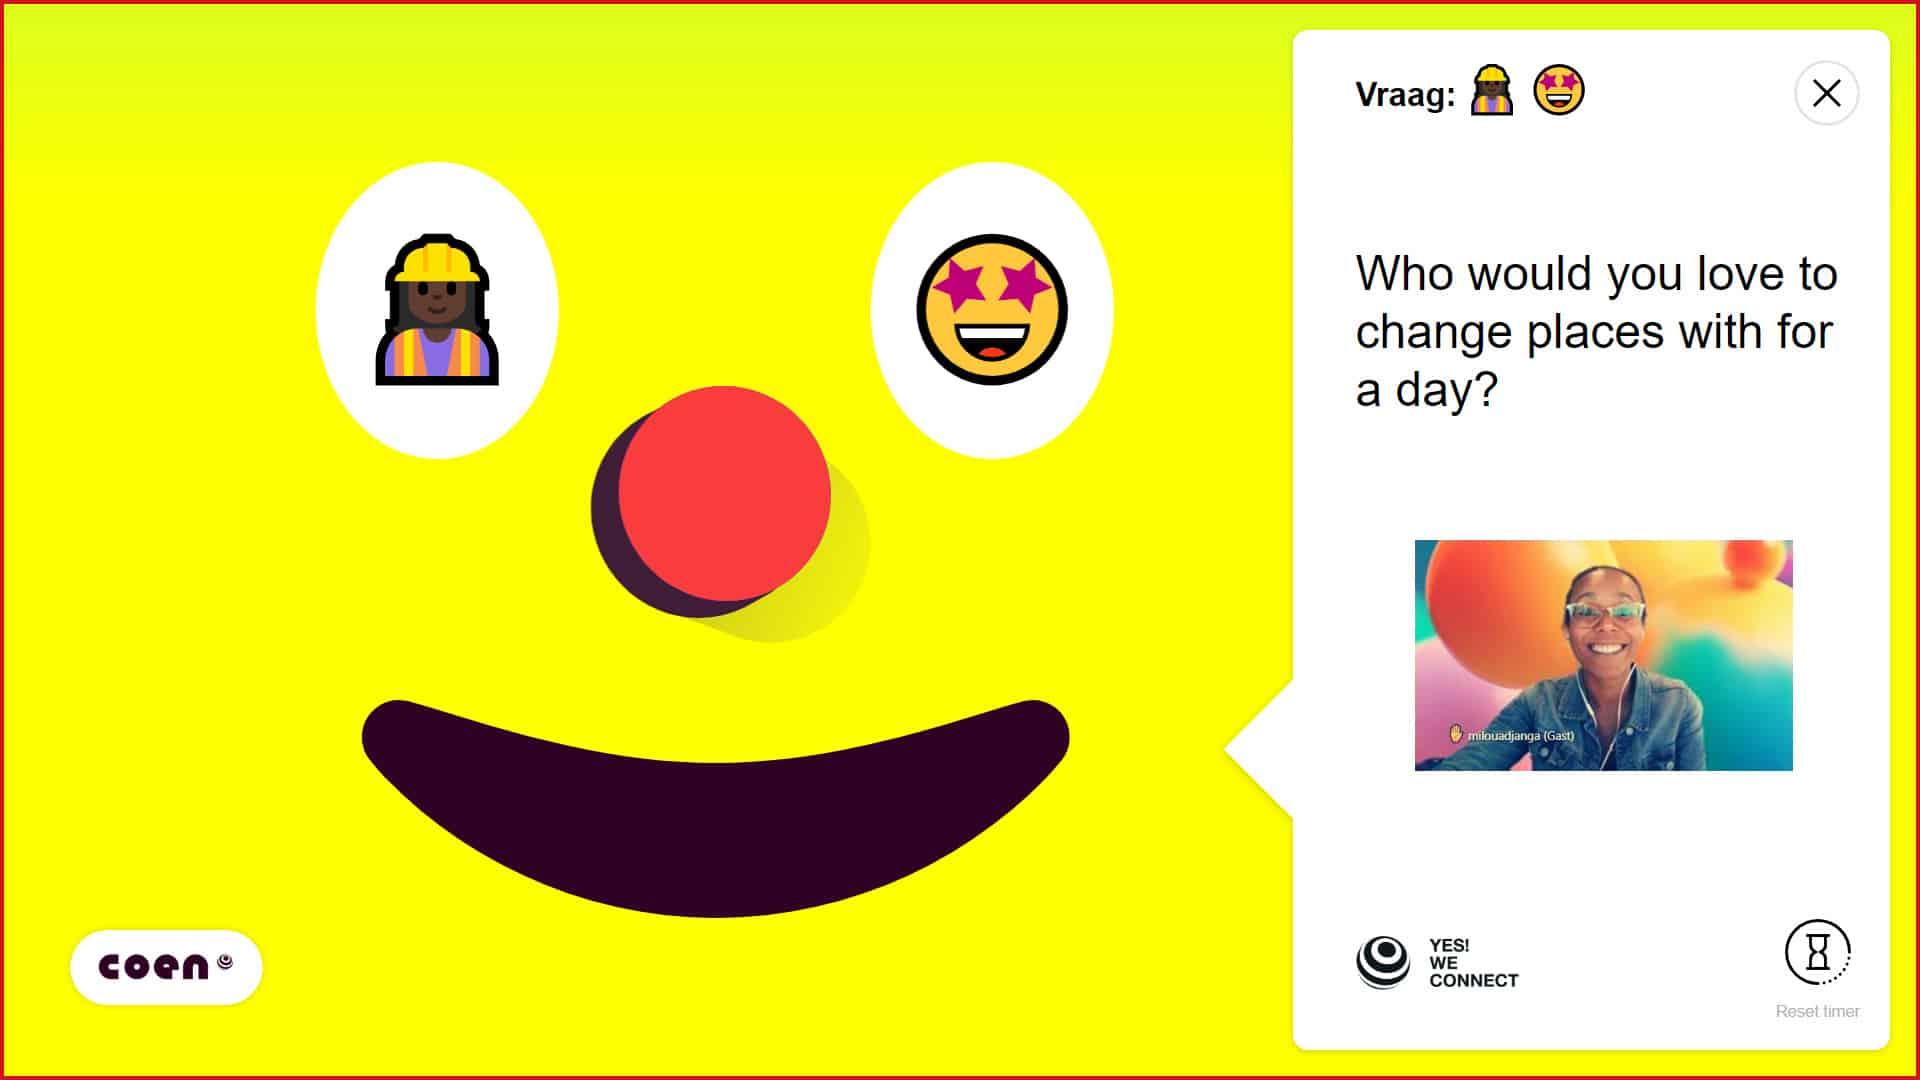 Yes! We Connect online event met moderator en gele smiley COEN voor interactie tussen medewerkers - Event Inspiration